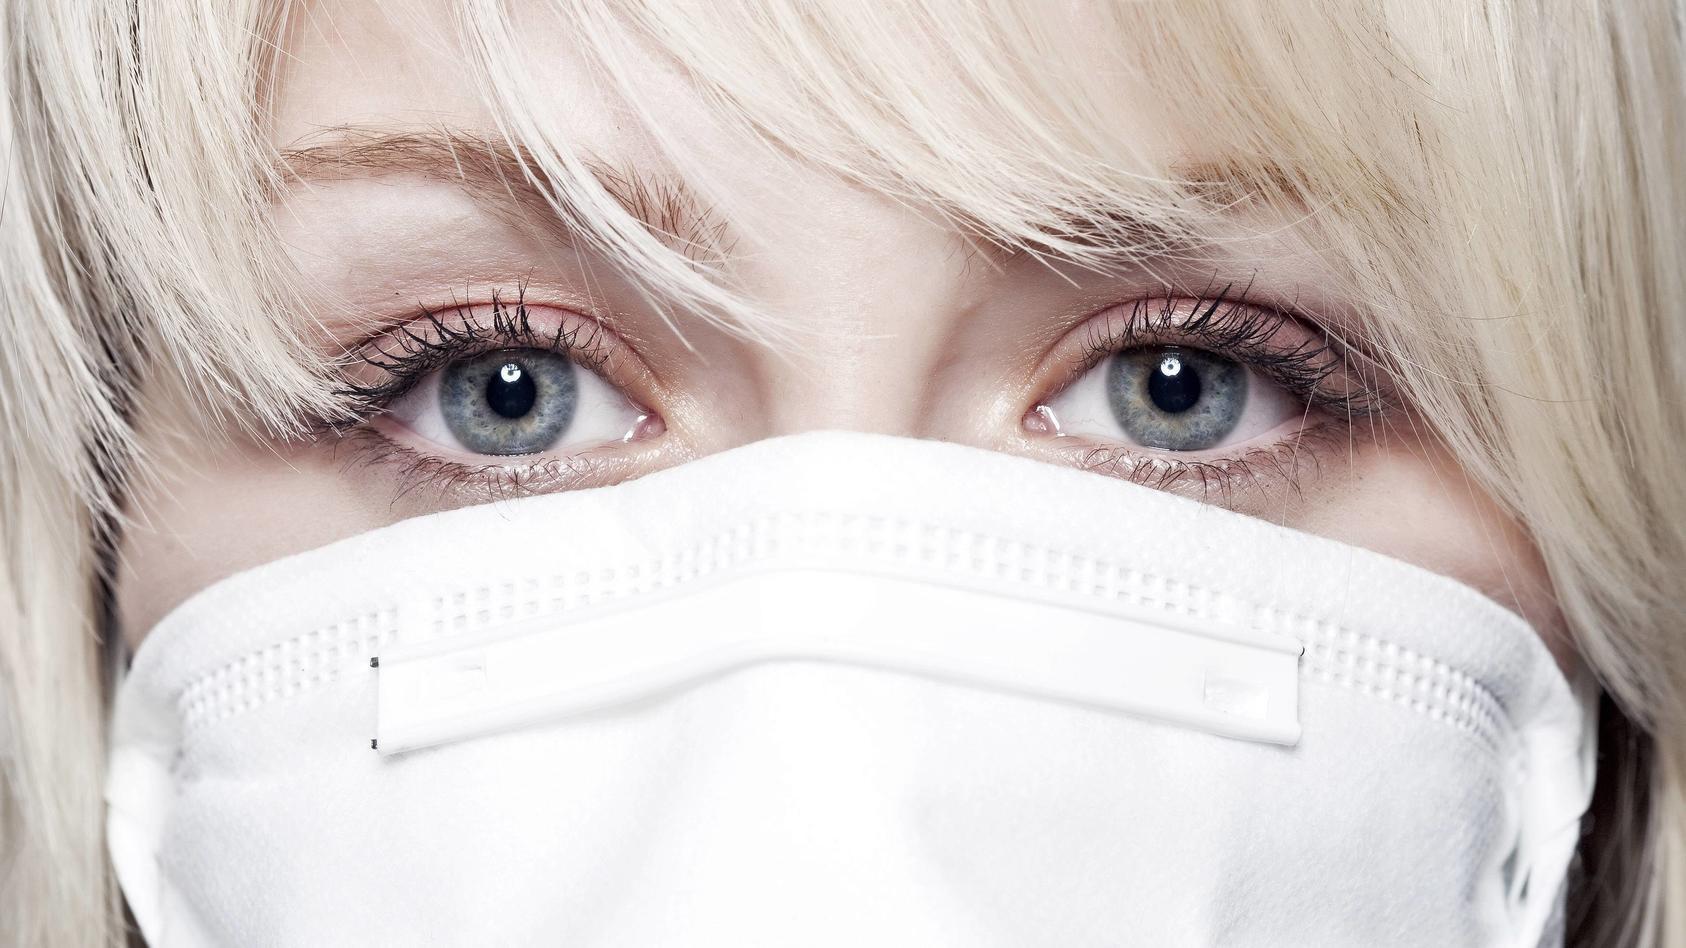 Das ständige Tragen einer Maske strapaziert die Haut und sorgt für Rötungen, Reizungen und Pickel.